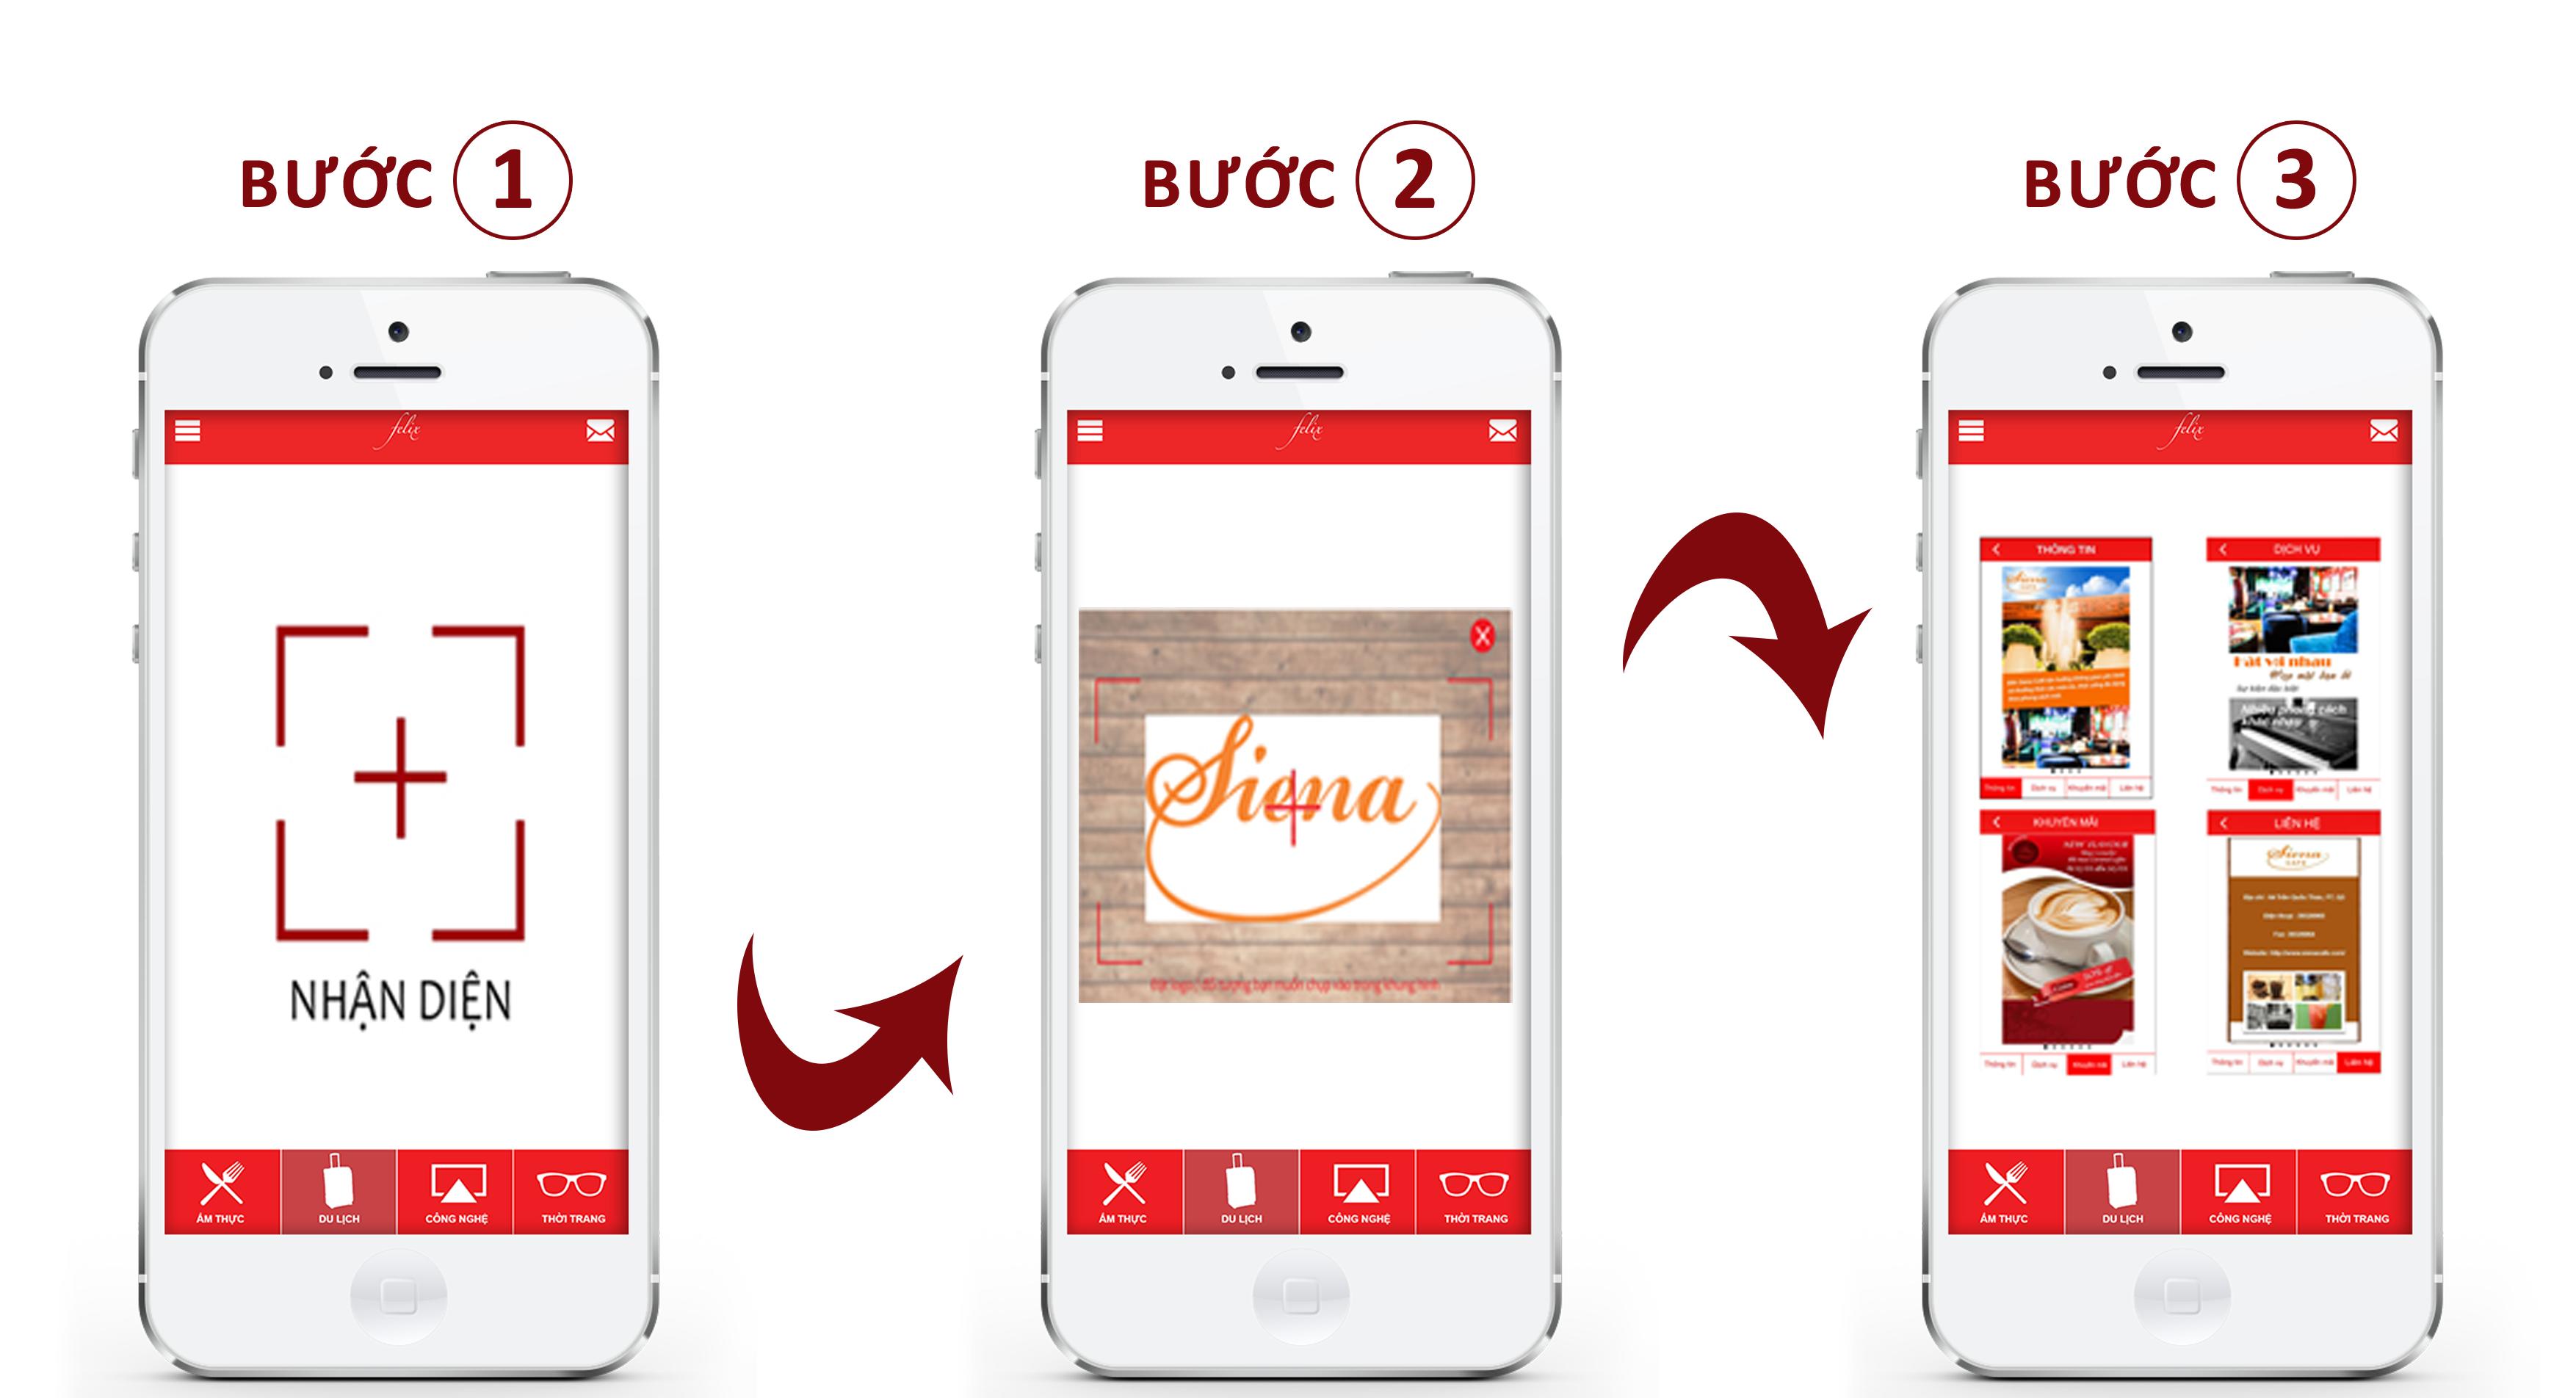 Các bước sử dụng chức năng NHẬN DIỆN trên ứng dụng Felixvn App